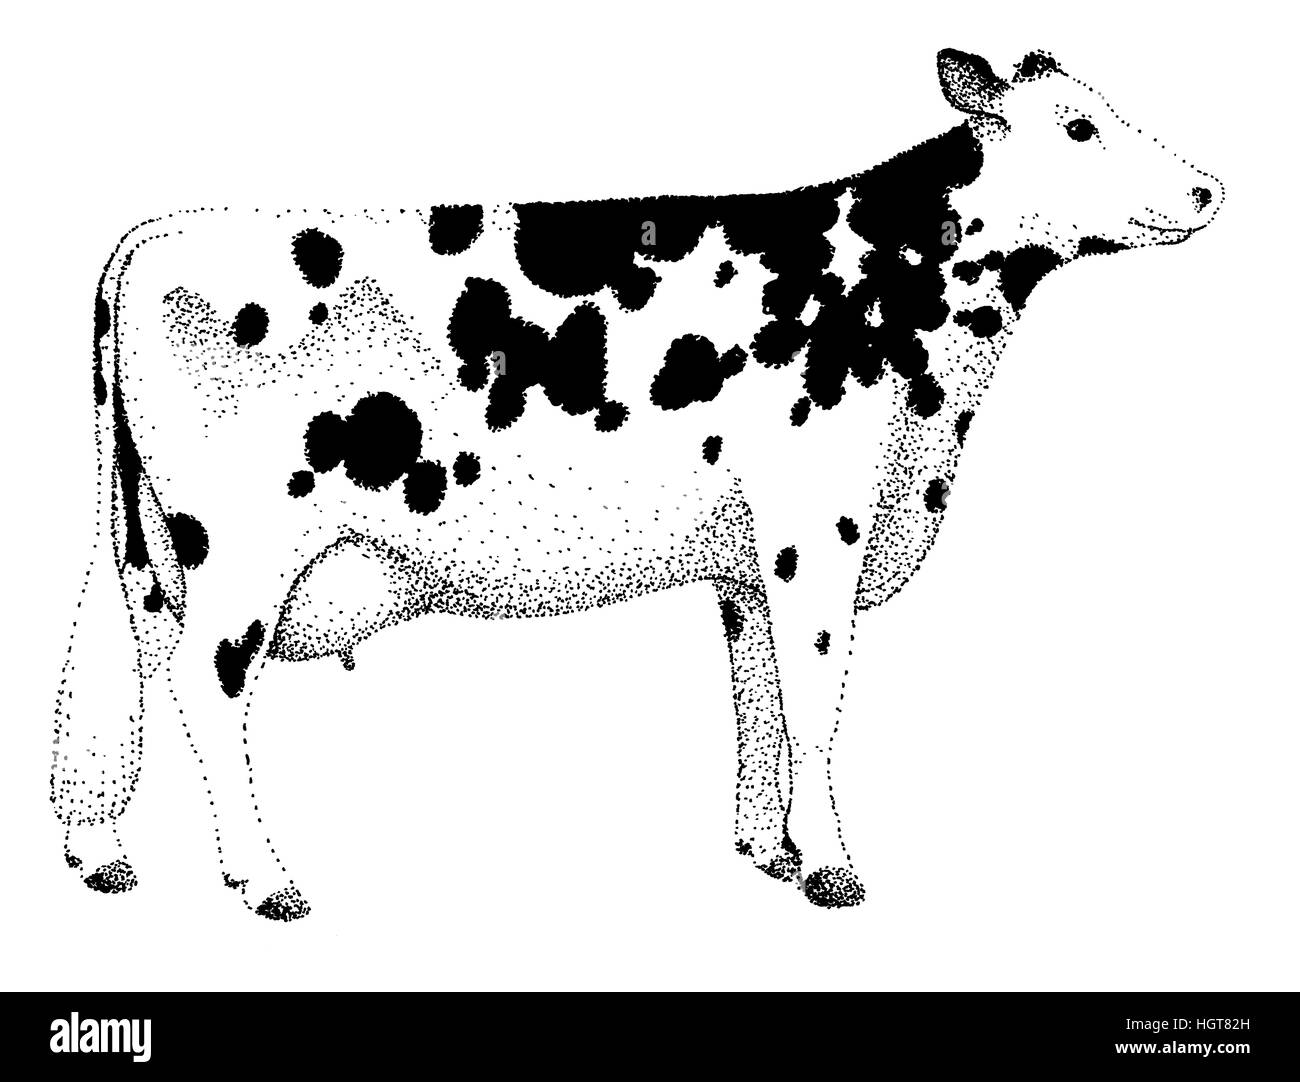 Illustrazione di vacca vecchio stile di litografia disegnata a mano Immagini Stock